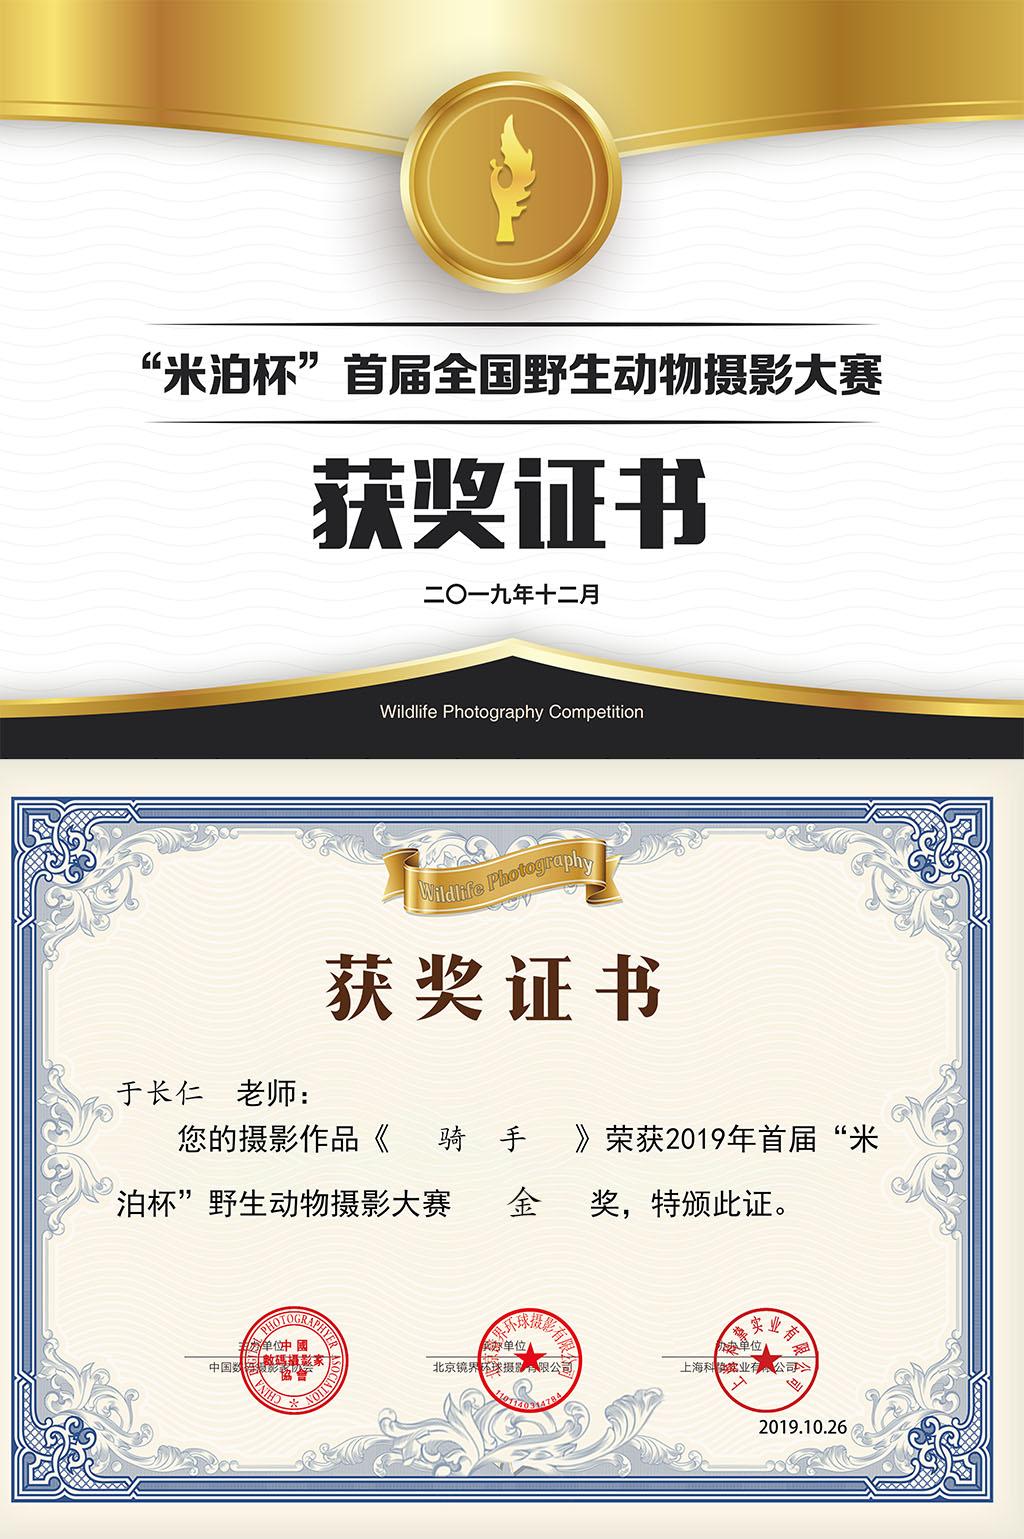 米泊杯证书-1.jpg